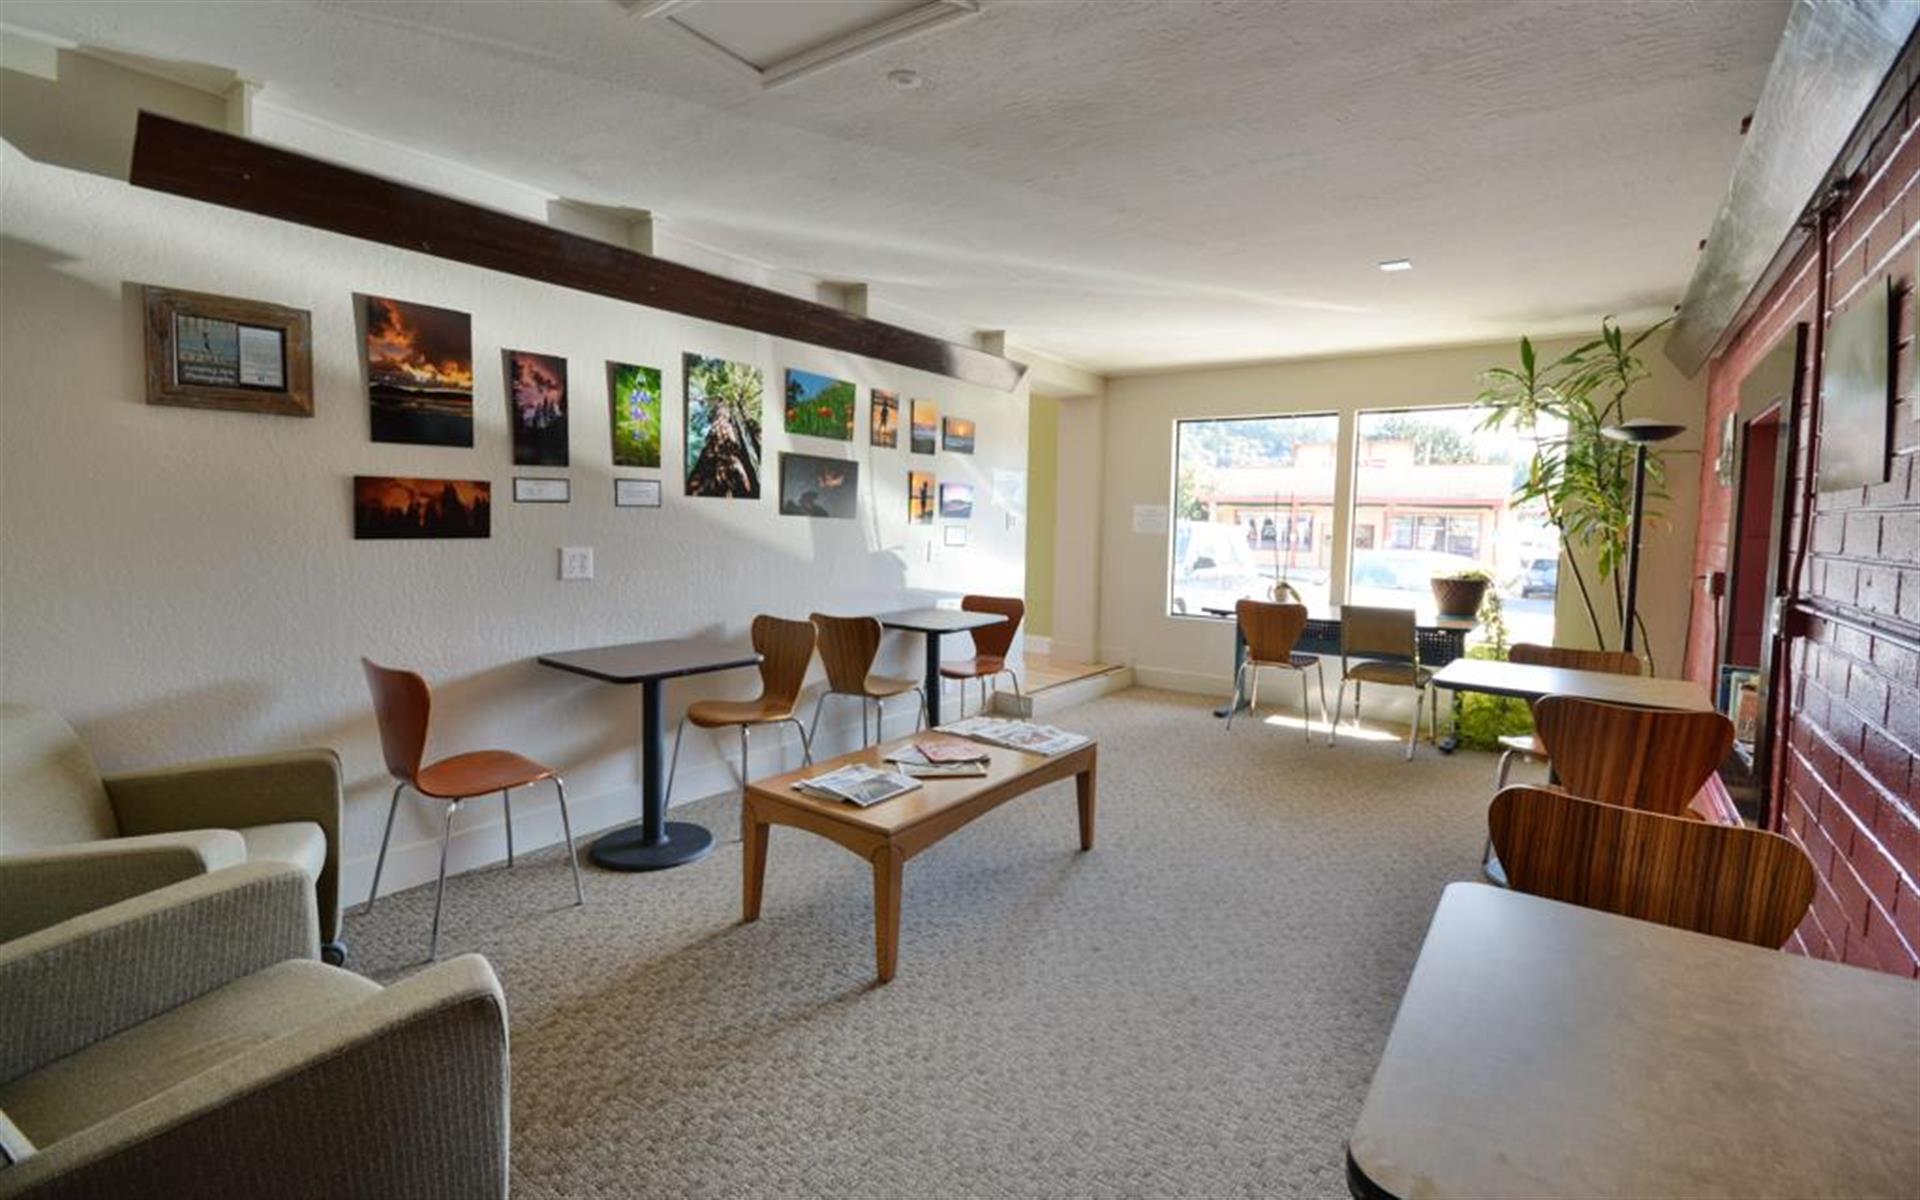 The Satellite Felton - Cafe Space